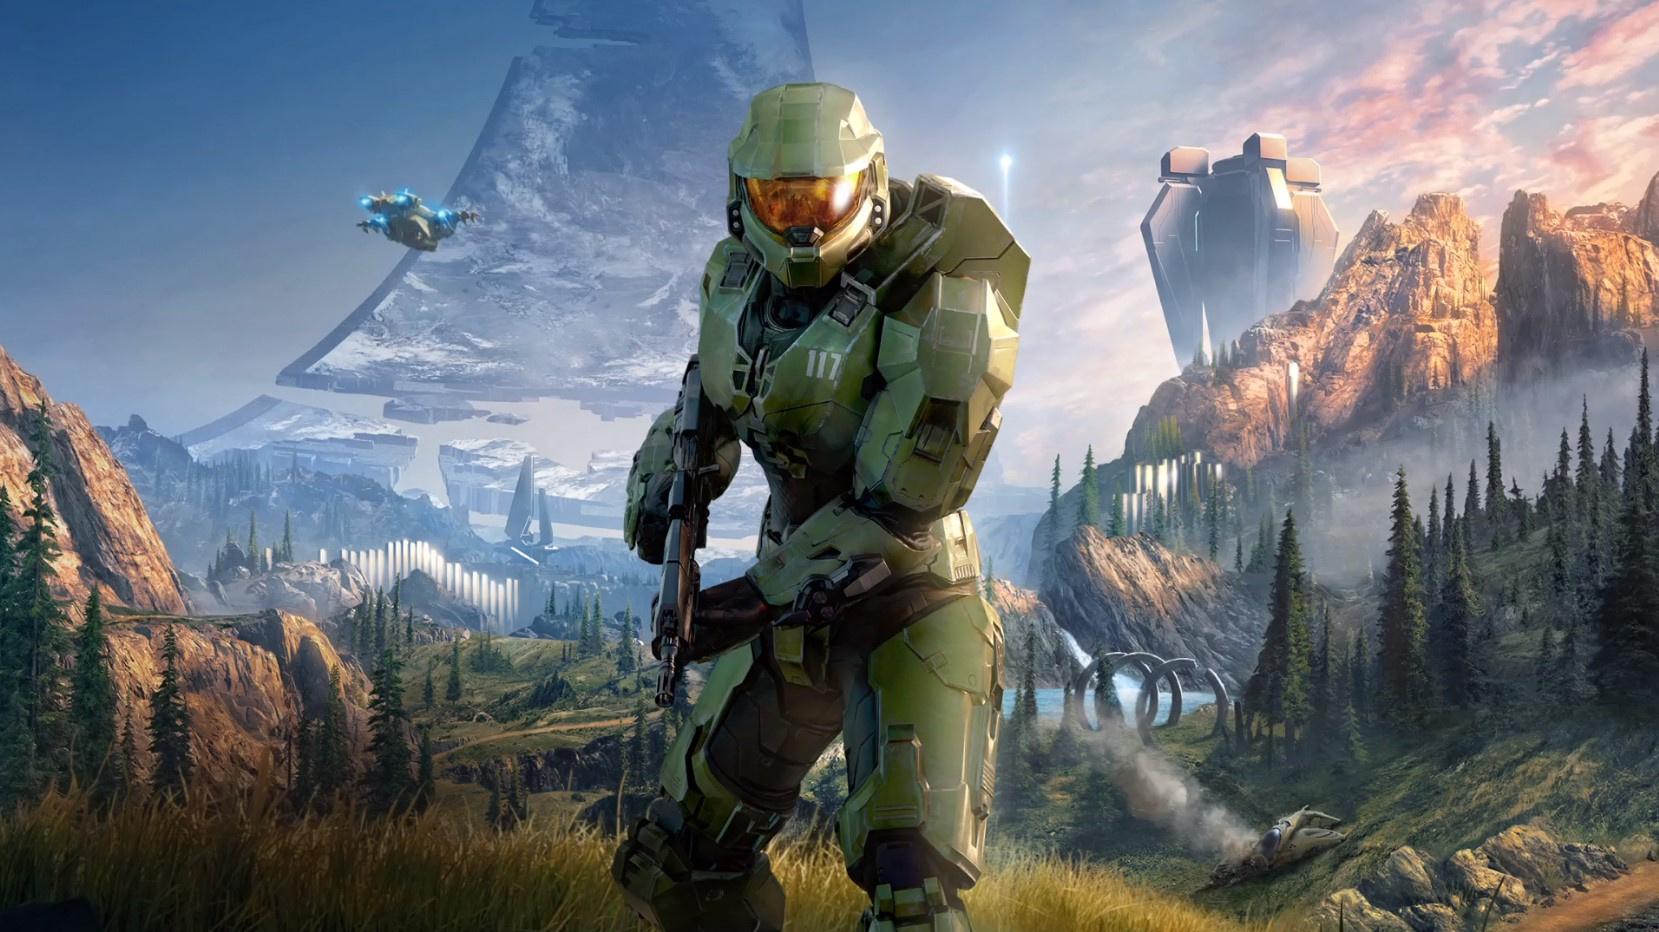 С возвращением, Чиф: ключевой постер и обложка Halo Infinite